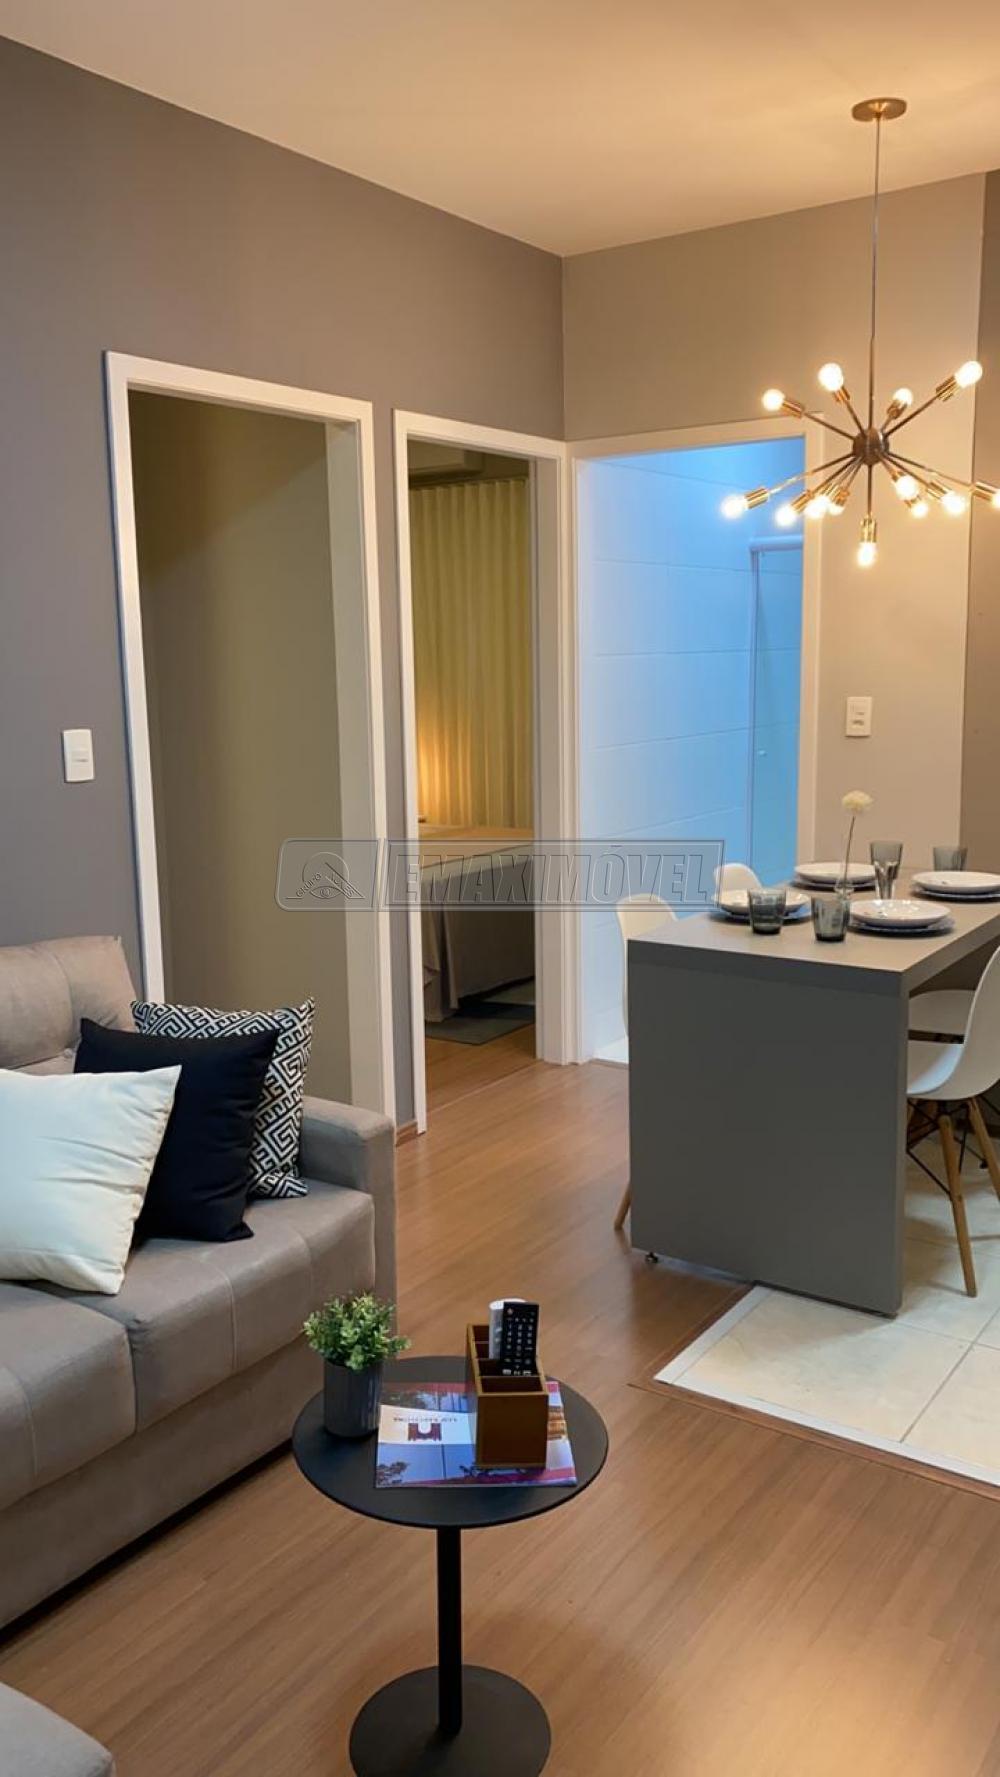 Comprar Apartamento / Padrão em Sorocaba R$ 145.900,00 - Foto 4